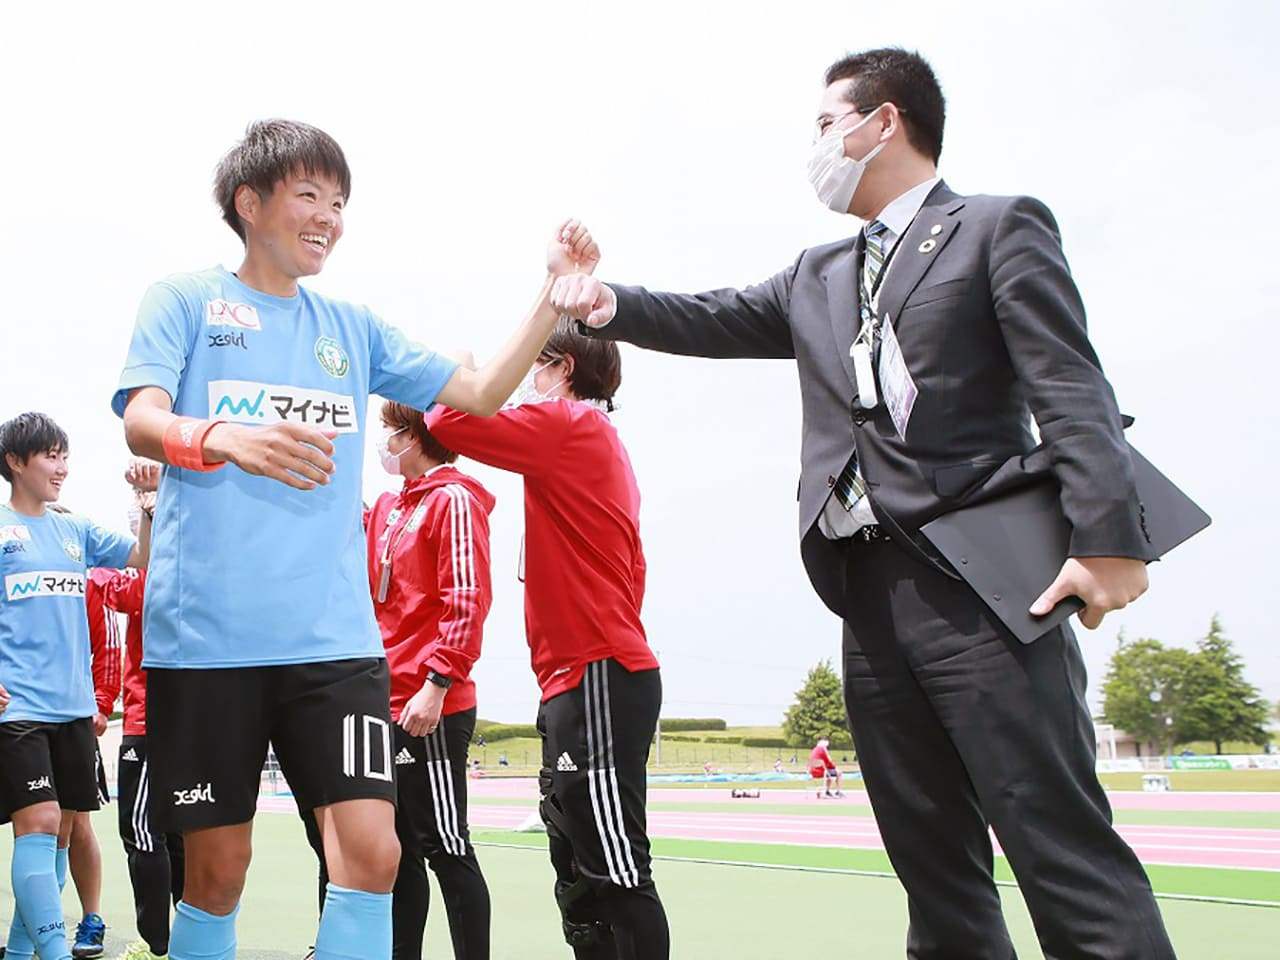 株式会社マイナビフットボールクラブ 代表取締役社長 粟井俊介さん